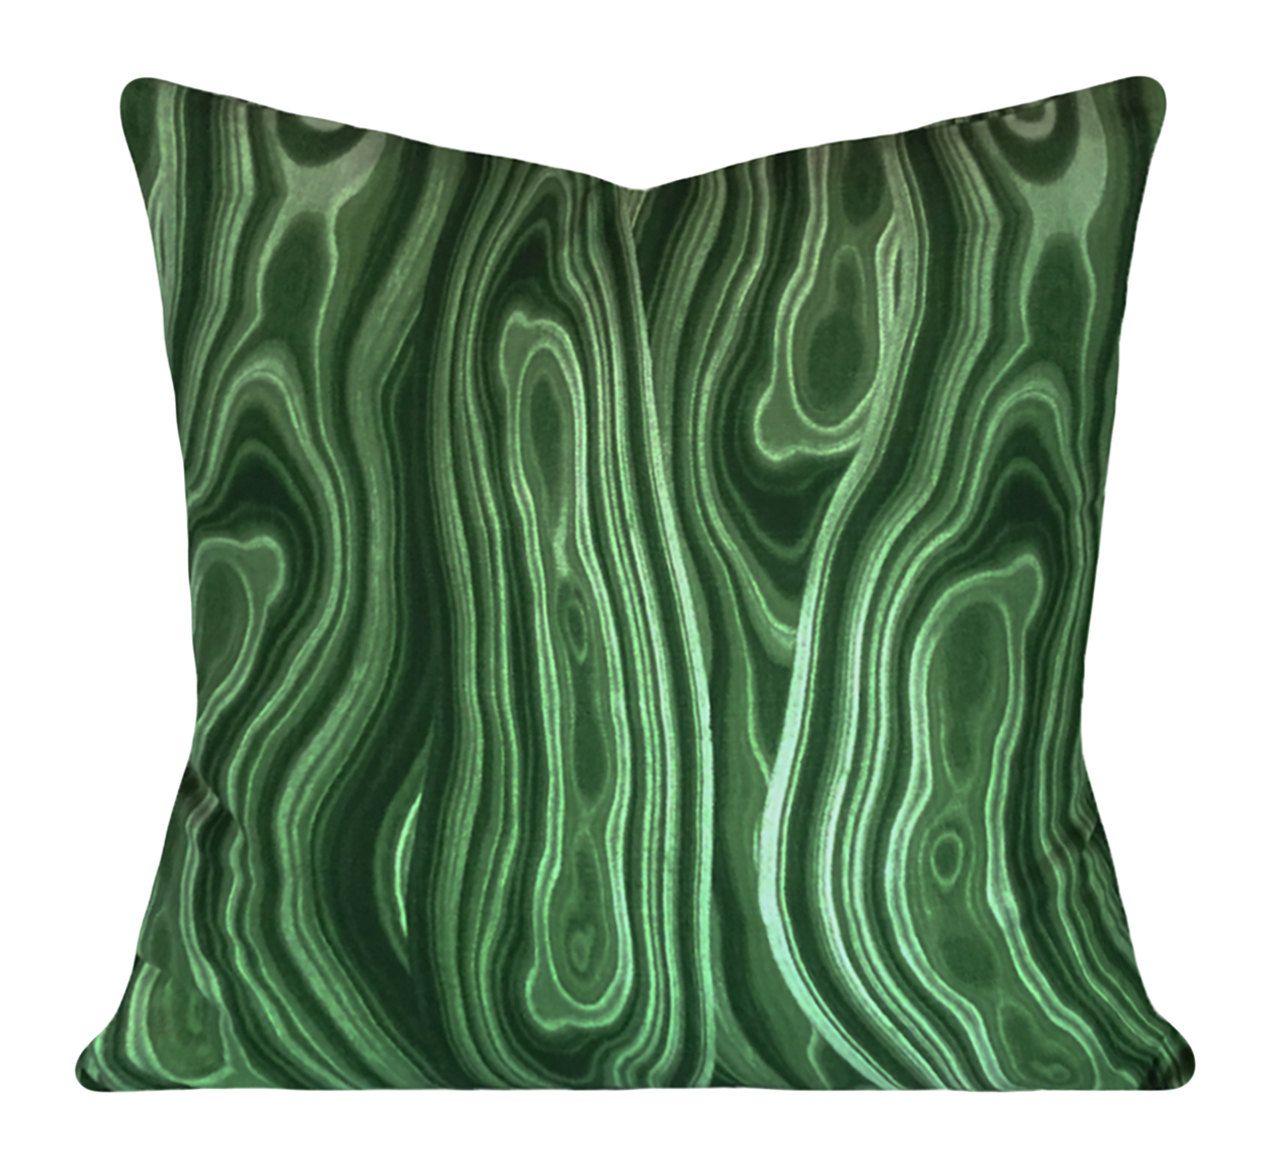 Robert allen emerald green decorative pillow cover both sides